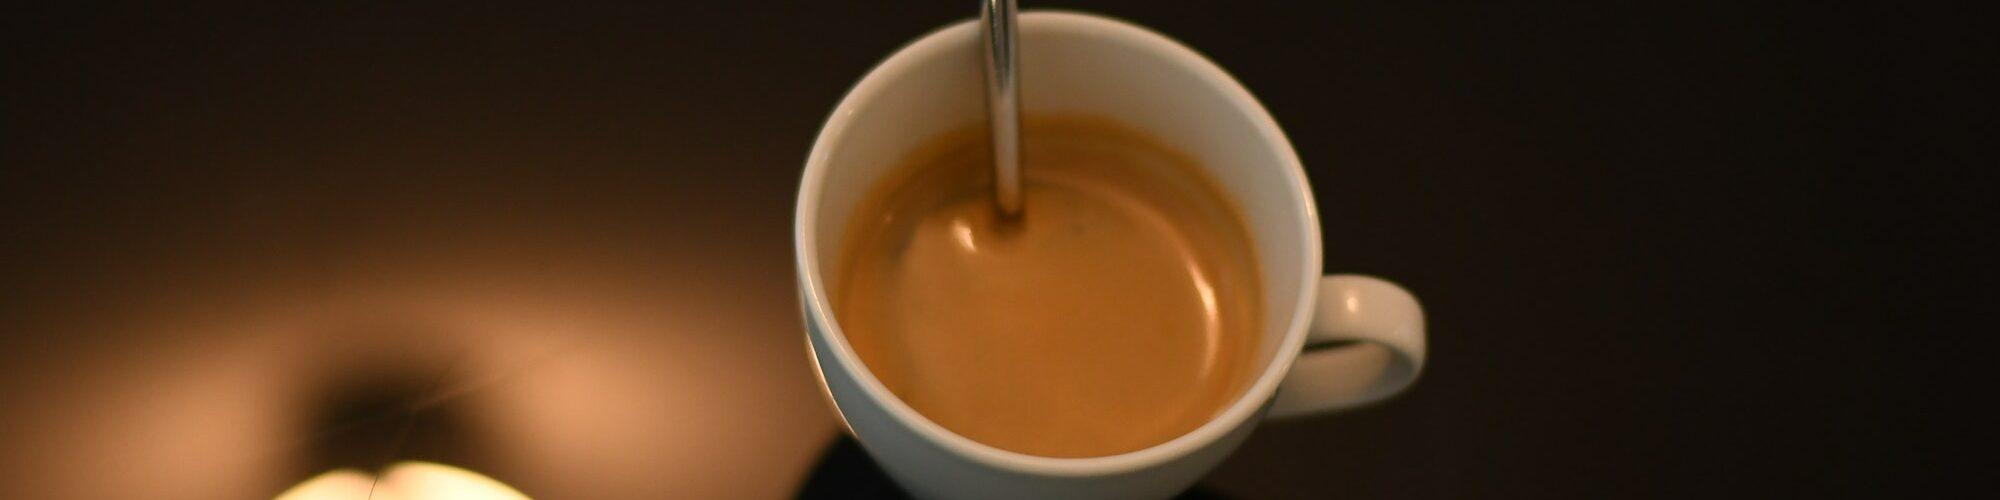 Ein Espresso Löffel in der Tasse, bereit zum Rühren. Ein wichtiger Schritt um Espresso richtig trinken zu können.